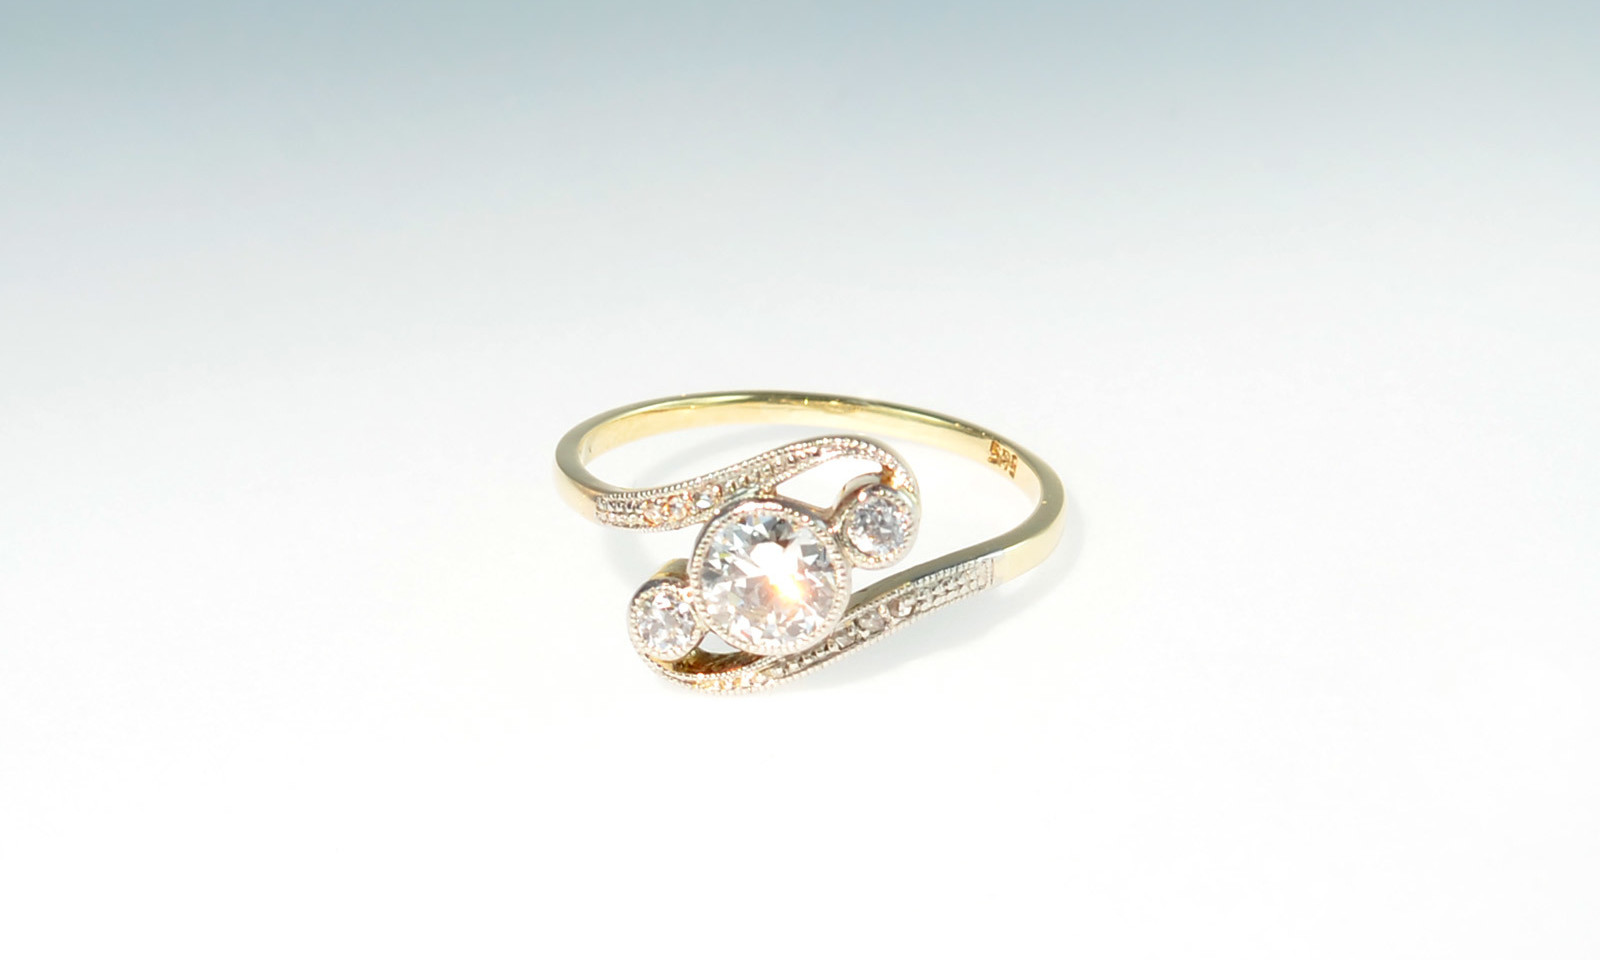 Ring belle epoque brill. Ring Belle Epoque, Platin auf Gelbgold 585, mit Diamant Altschliff d 5.4 mm ca. 0.60 ct., 2 Diamanten Altschliff d 2.5 mm und 6 kleinen Diamanten im Rosenschliff, CHF 2850.-